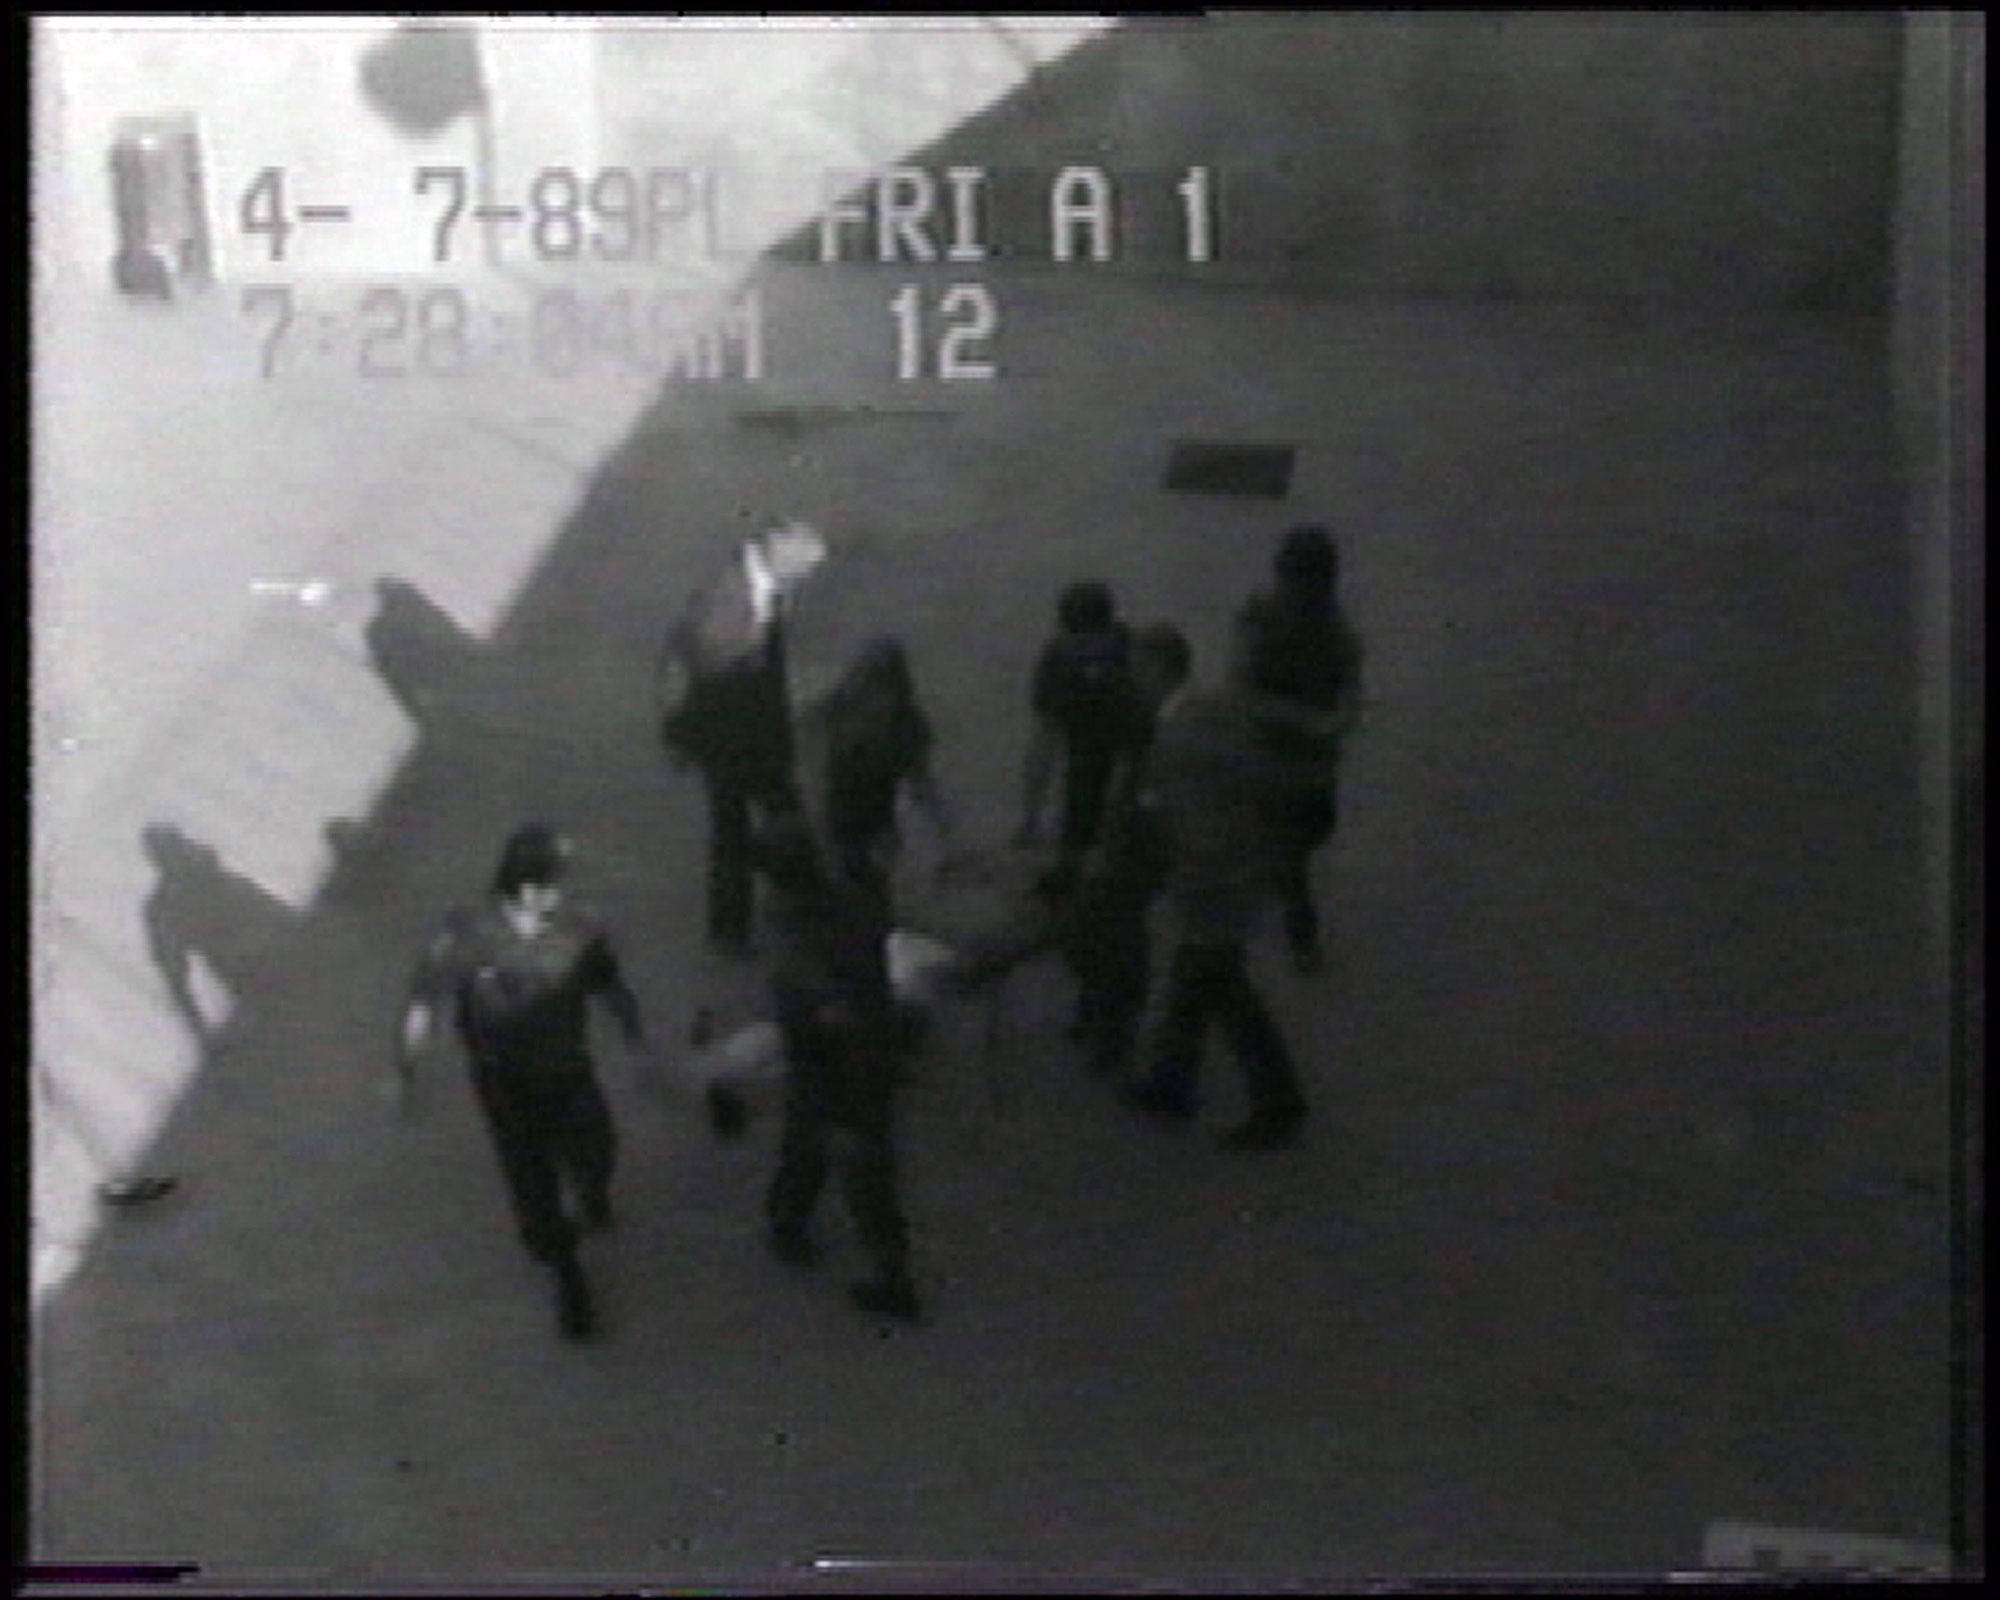 Gefängnisbilder (Prison Image),  2000 by Harun Farocki.